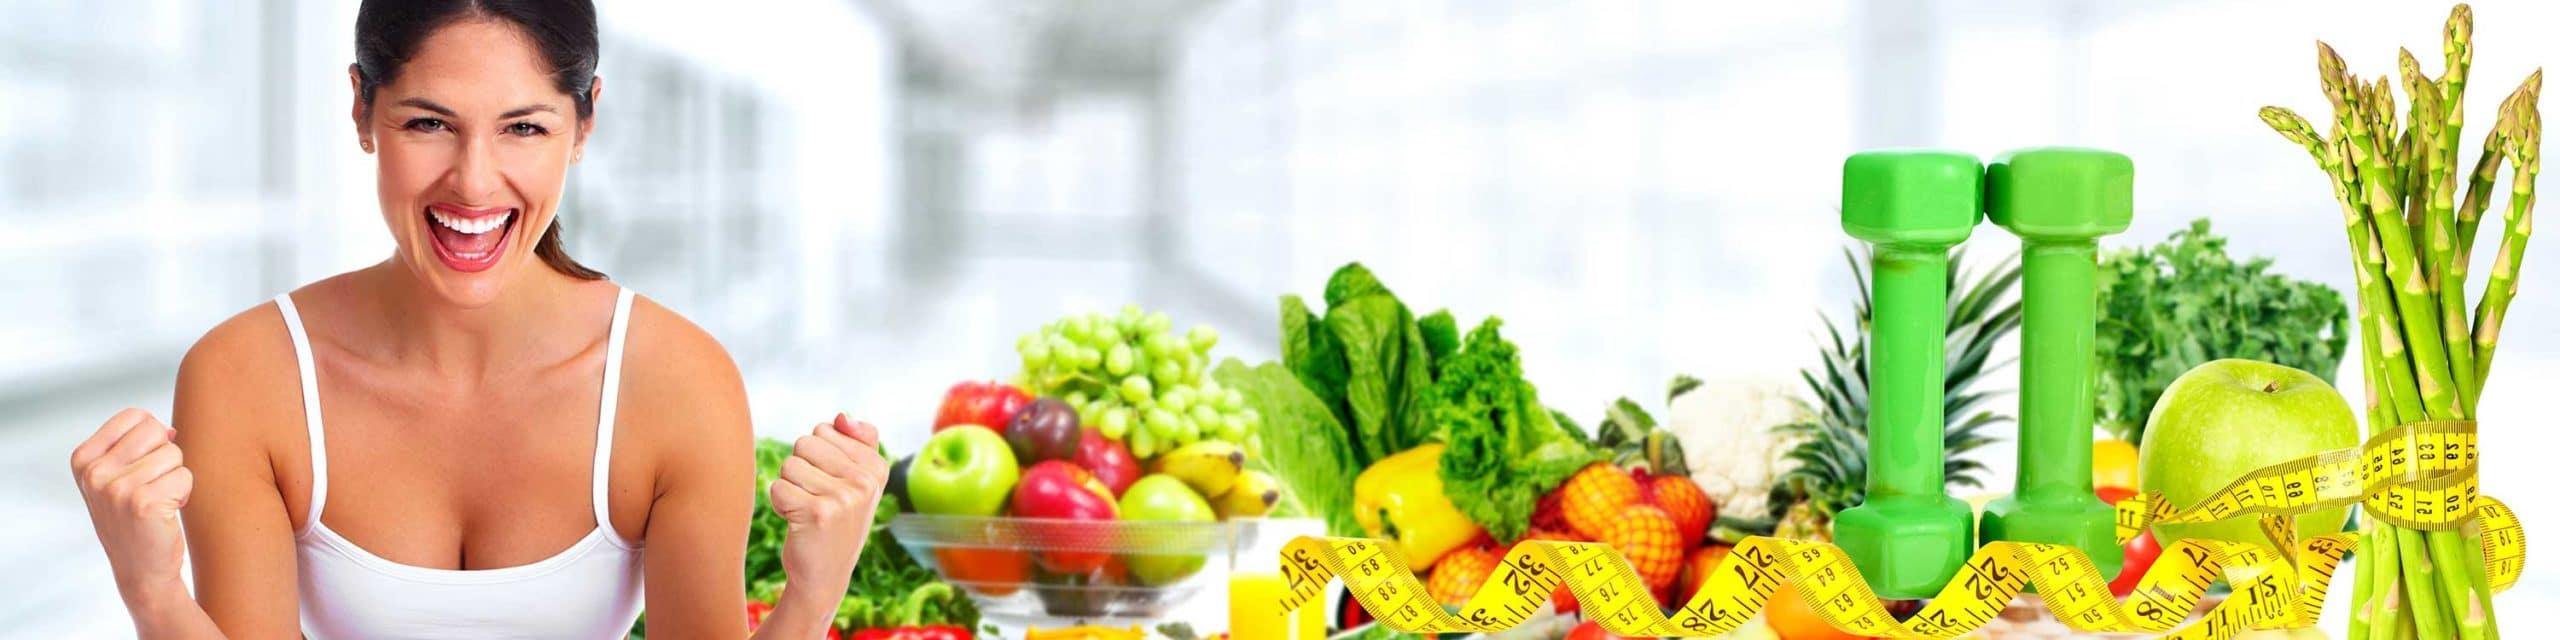 Tipps zur richtigen Ernährung